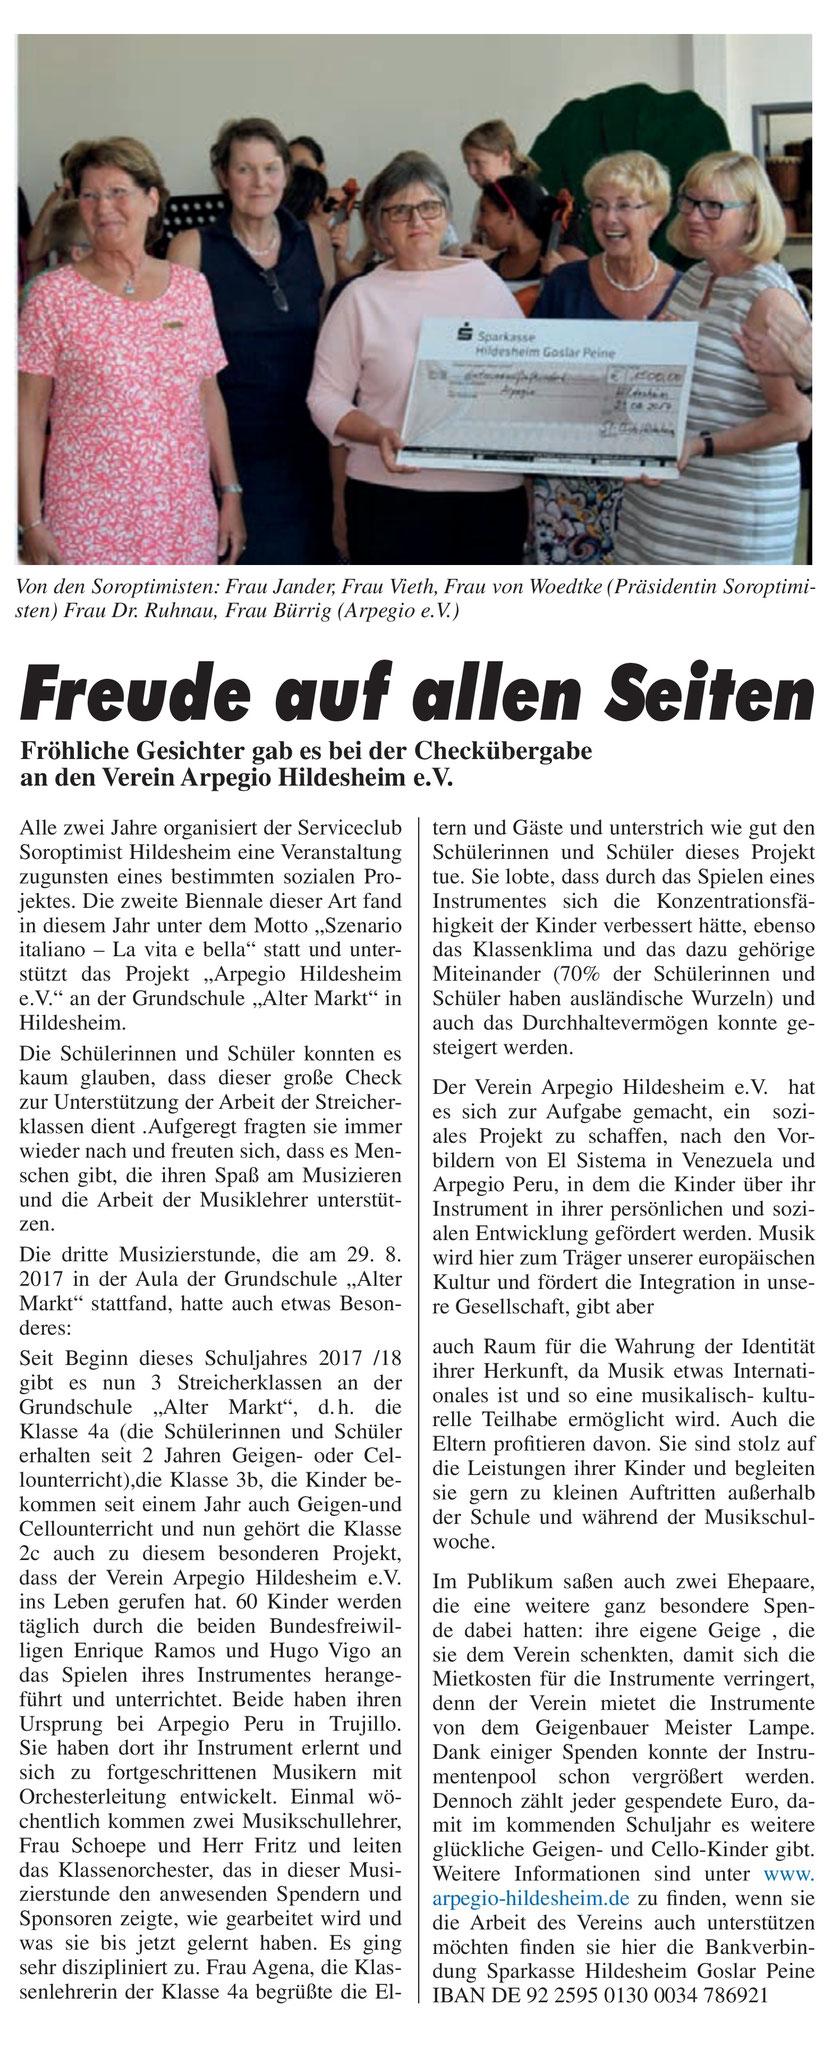 Oktober 2017 Stadtteilanzeiger Ost-Innenstädter Hildesheim